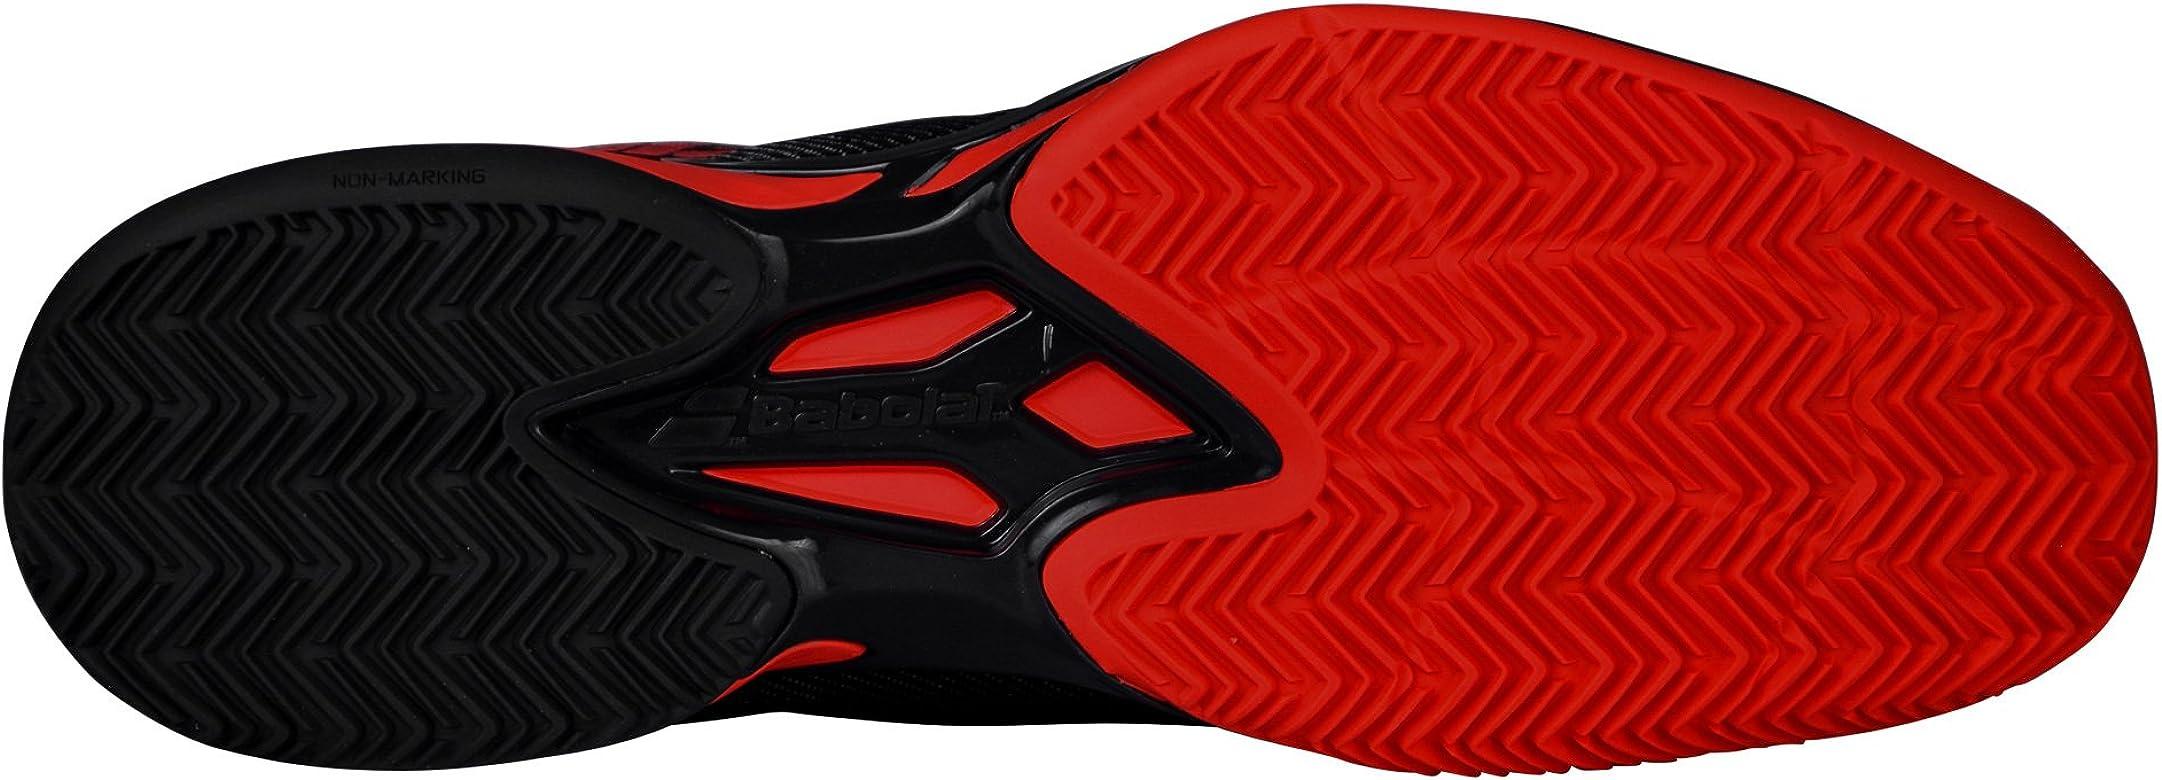 Babolat Jet Clay Zapatillas de Tenis para Hombre Gris/Rojo Talla:8 UK - 42 EU: Amazon.es: Zapatos y complementos